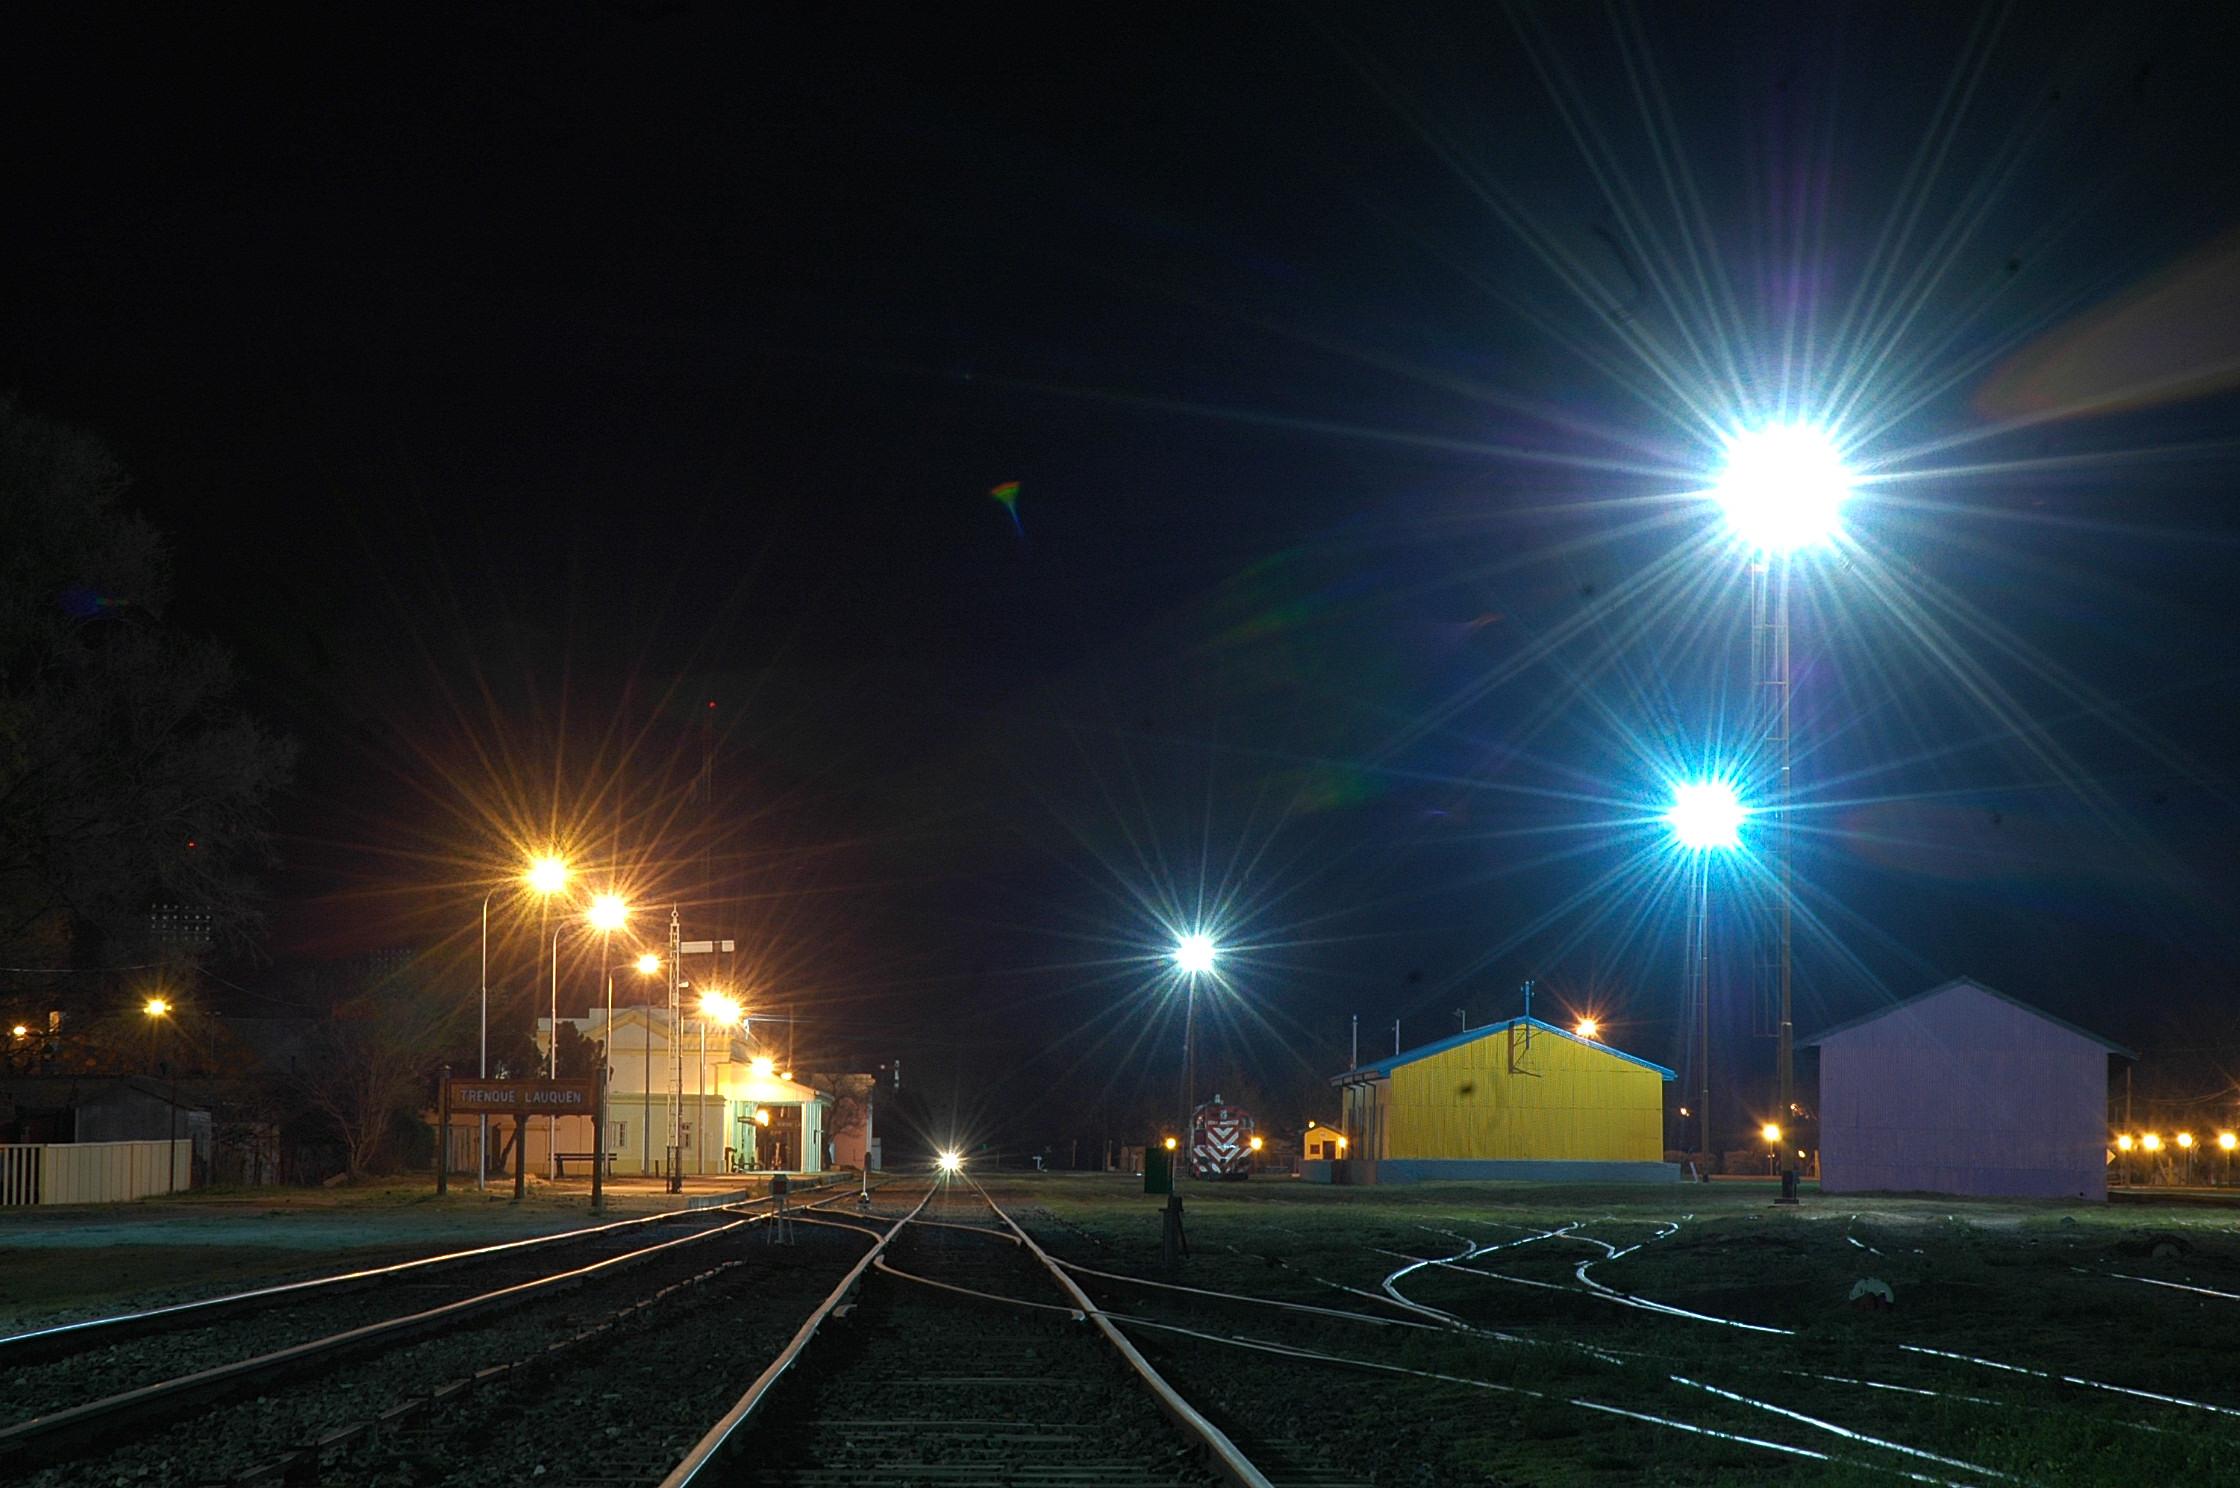 paseo ferroviario nocturna